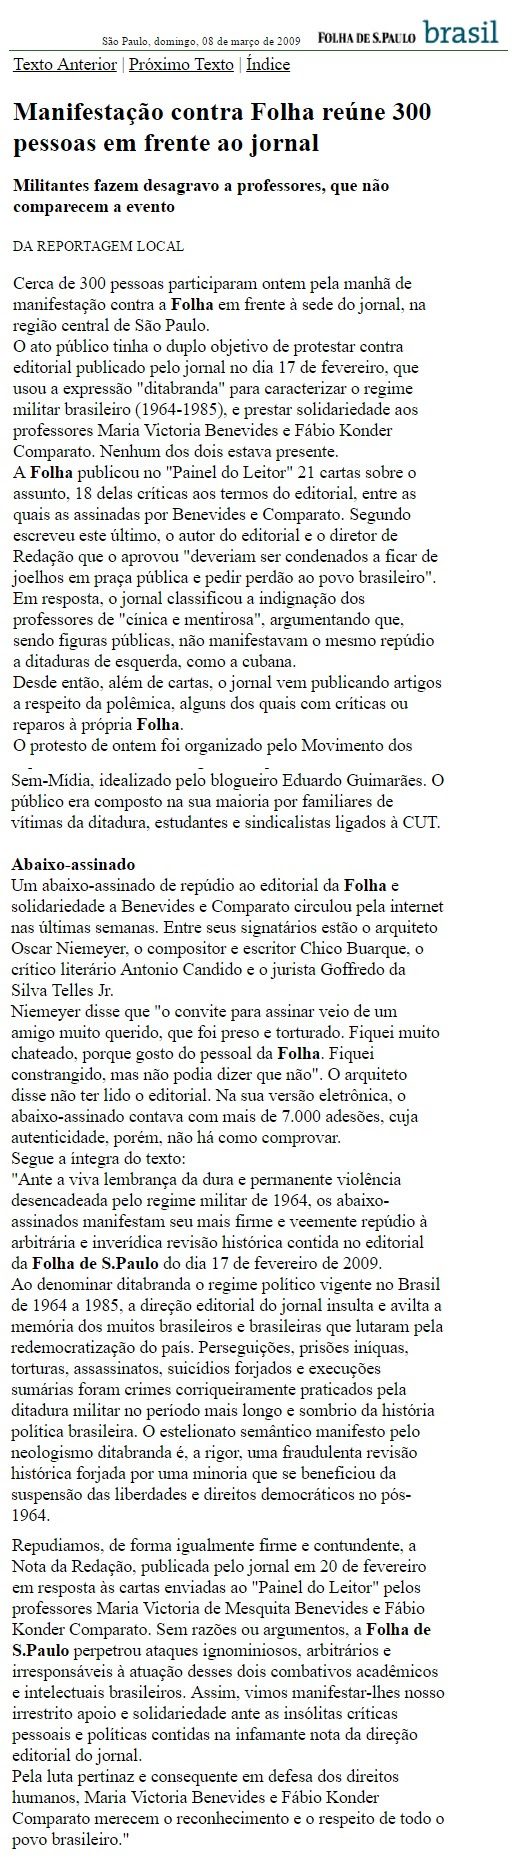 folha-4